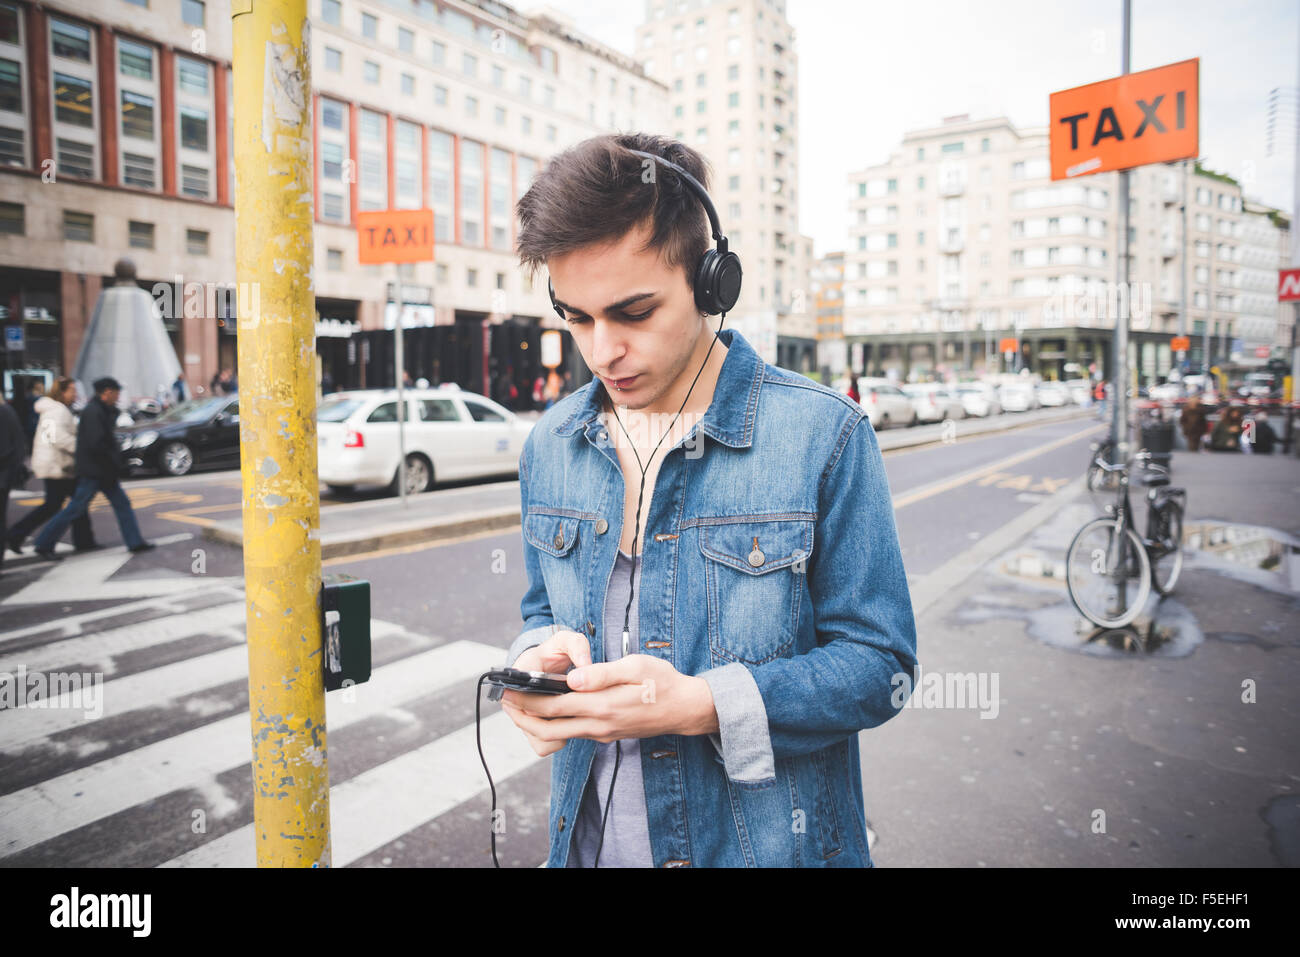 La moitié des jeunes longueur alternative beau modèle homme sombre en ville l'écoute de musique Photo Stock